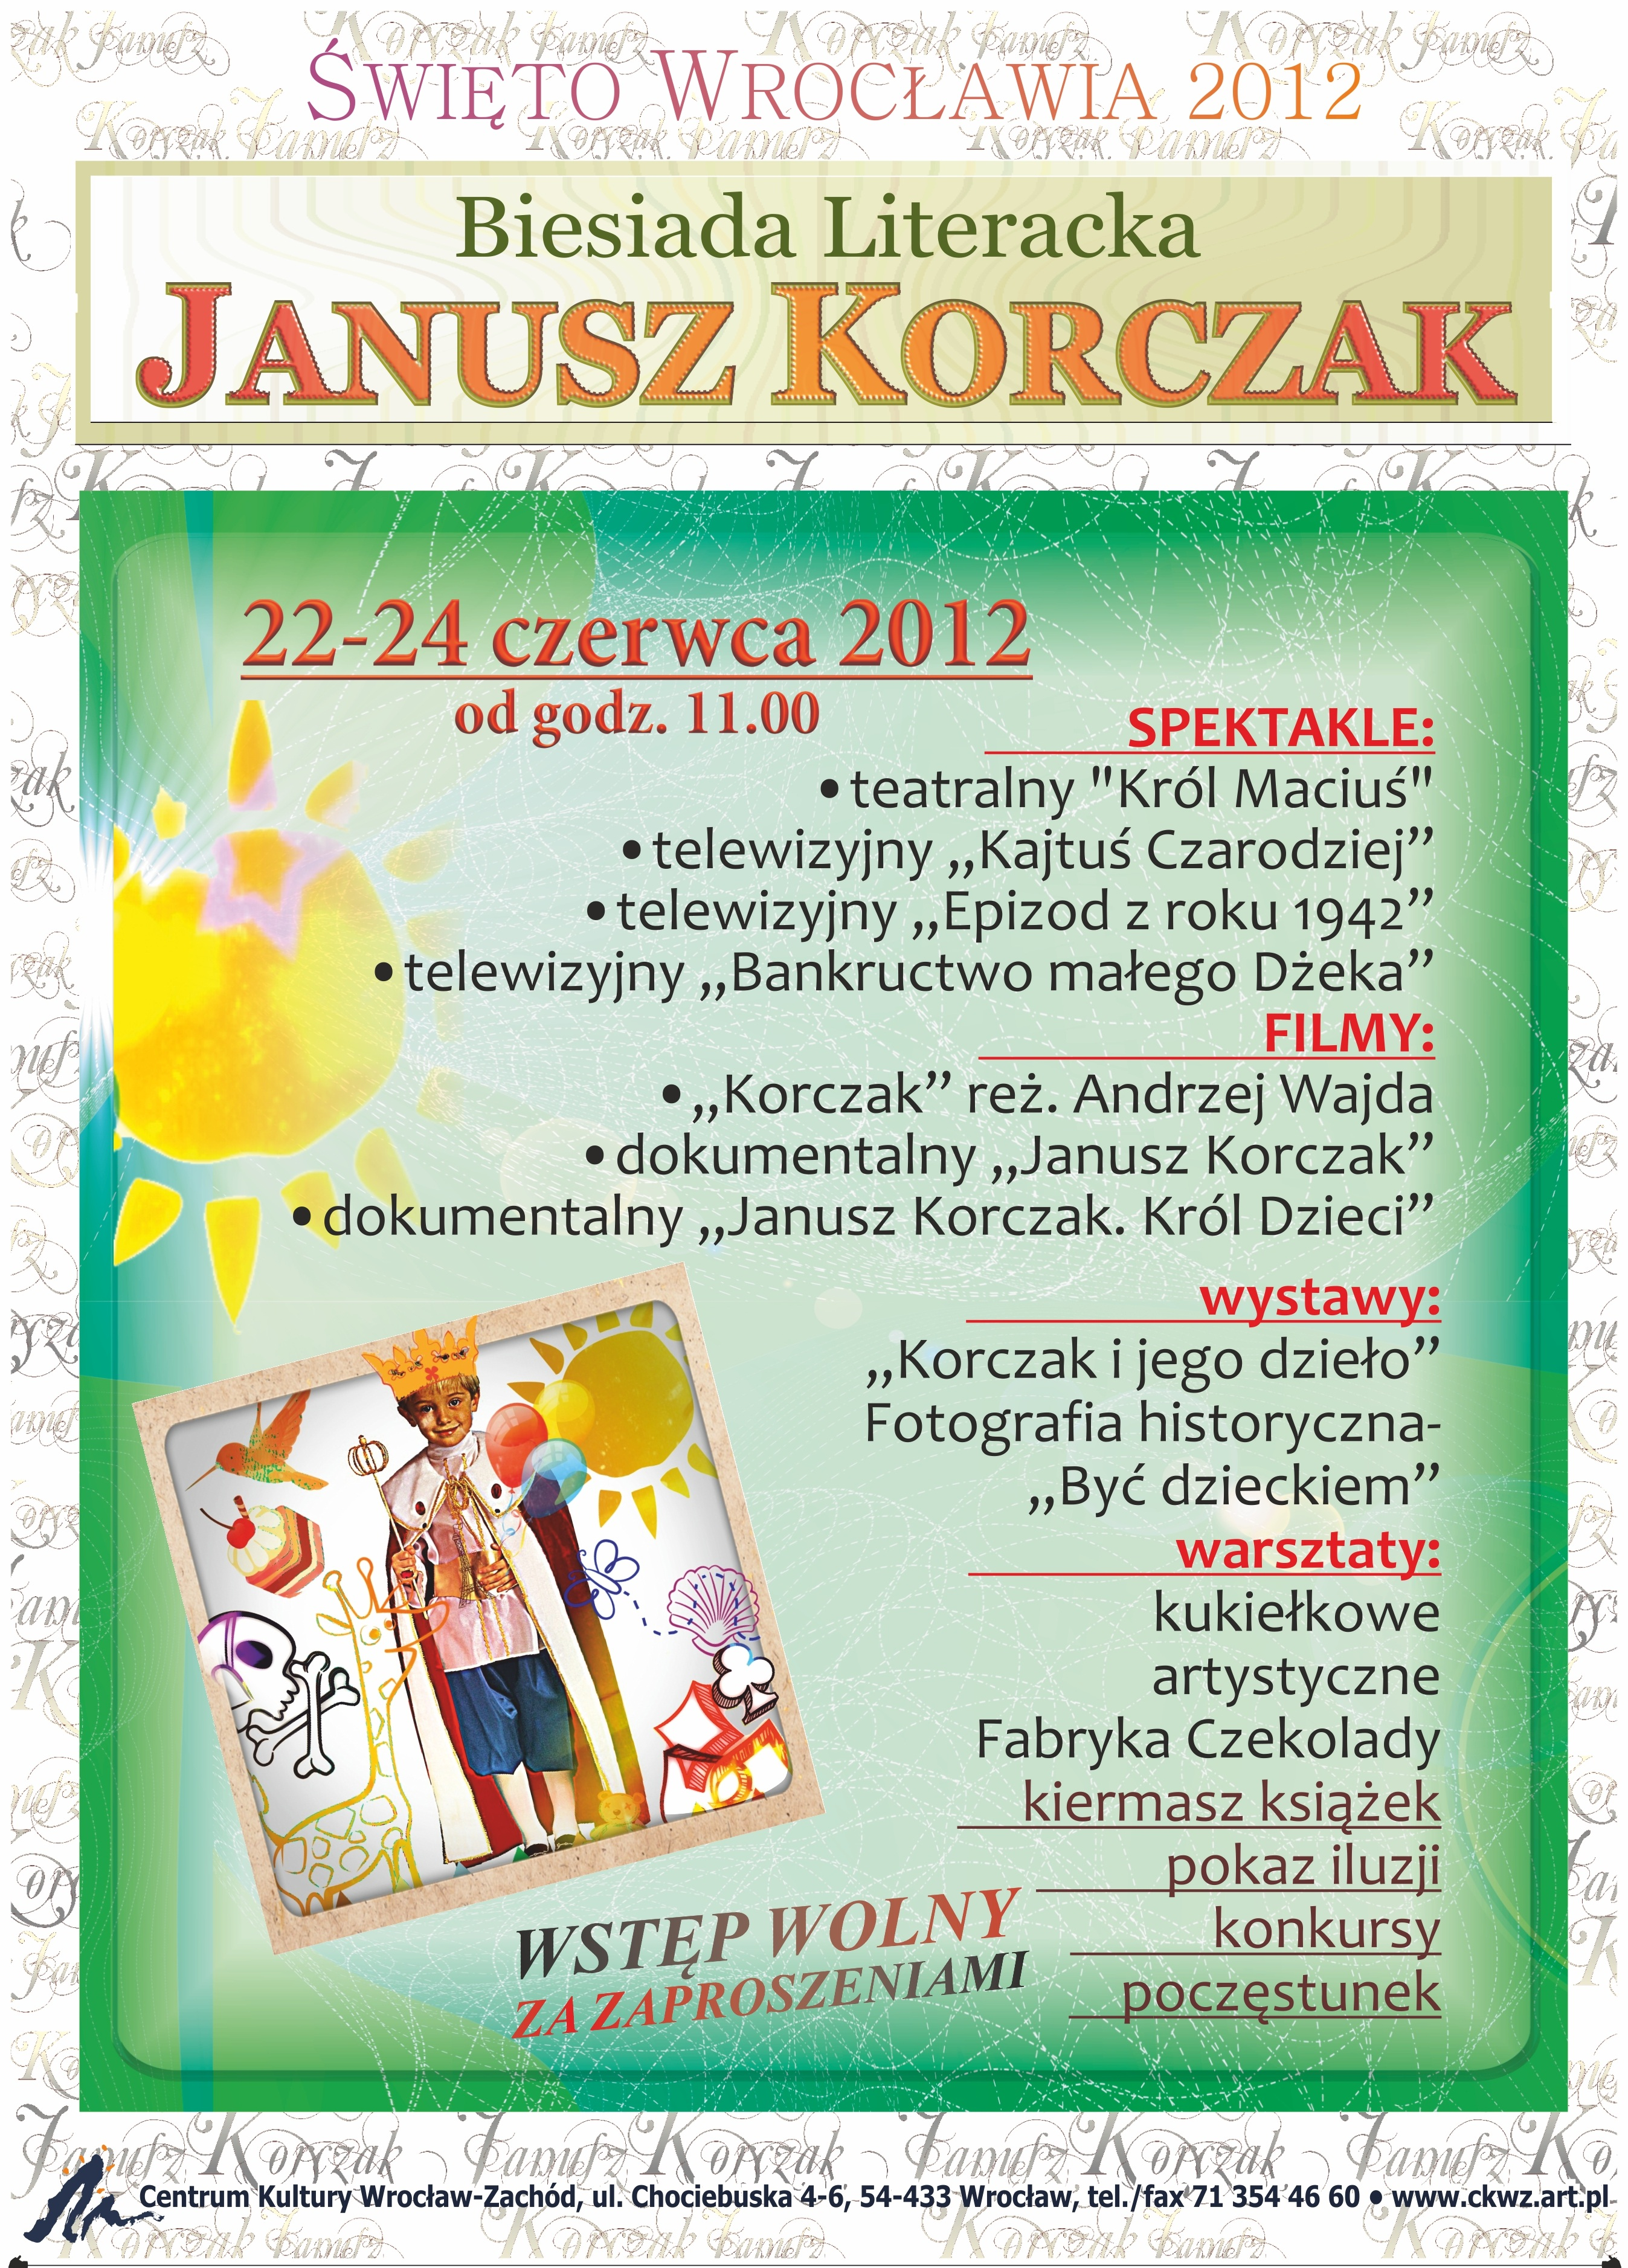 """Plakat """"Biesiady Literackiej"""" (źródło: materiały prasowe organizatora)"""